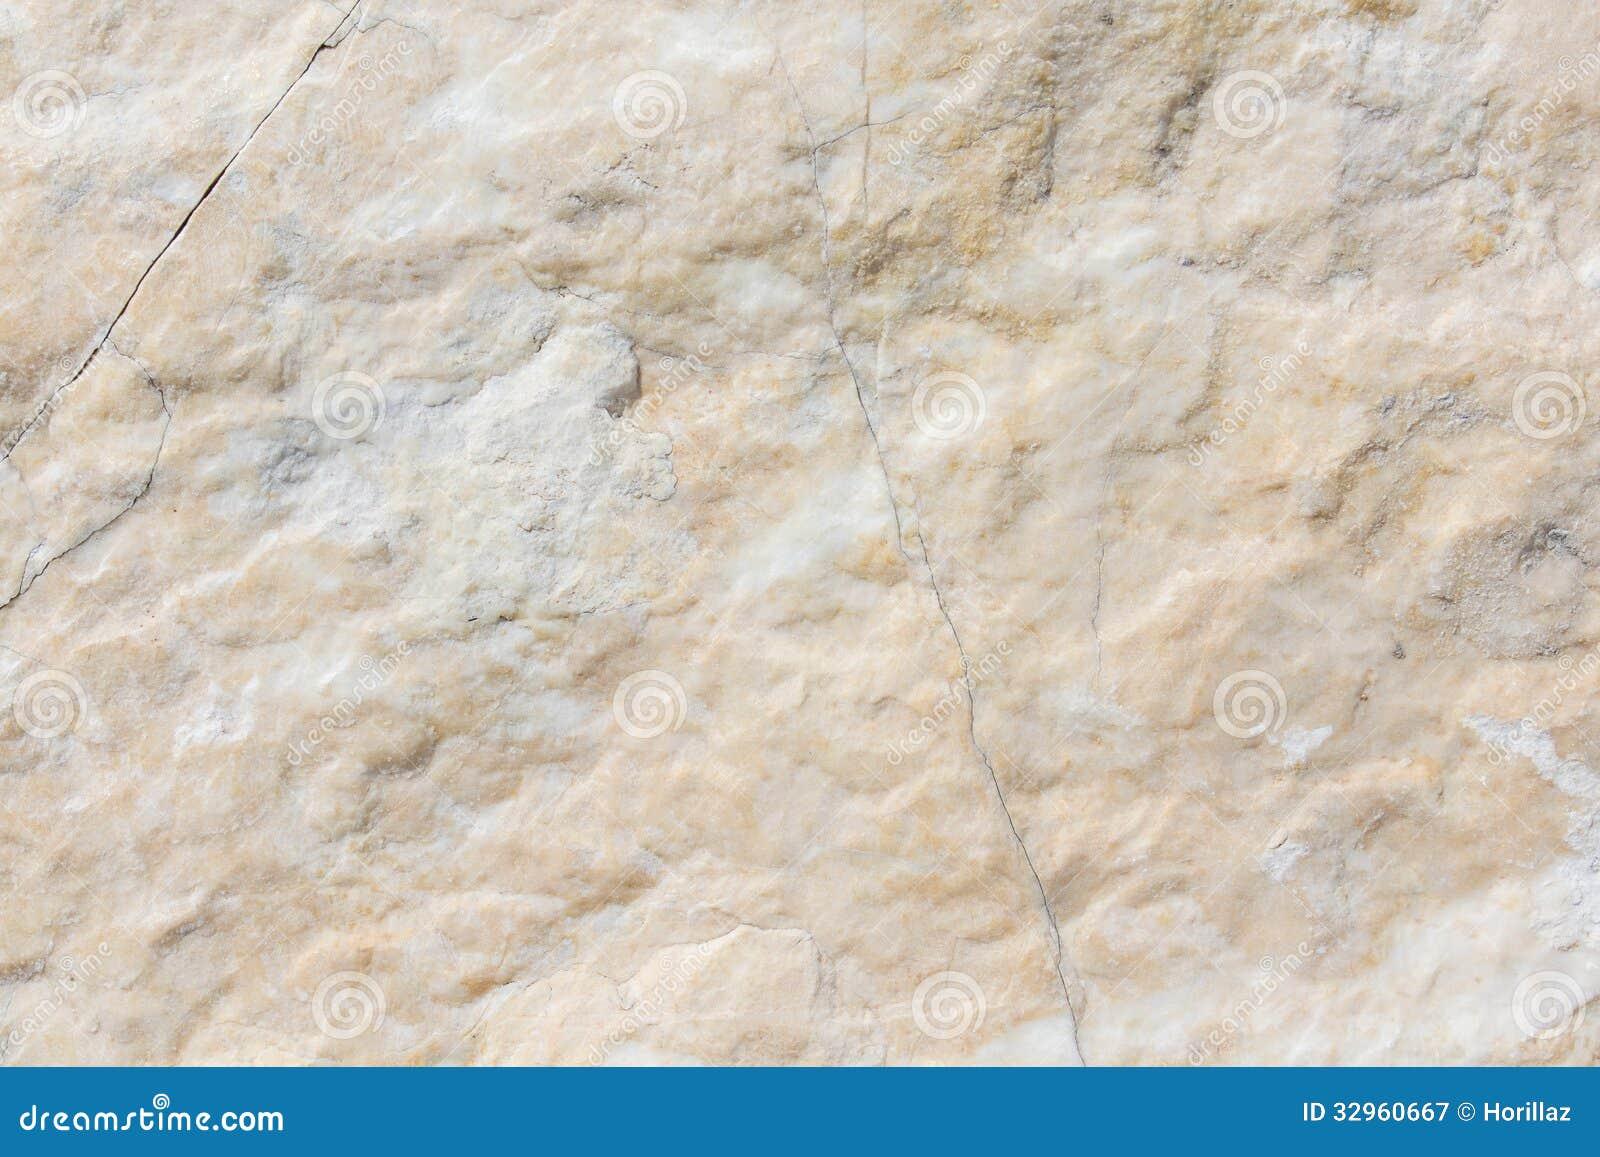 Texture Granite Stone Cream Color